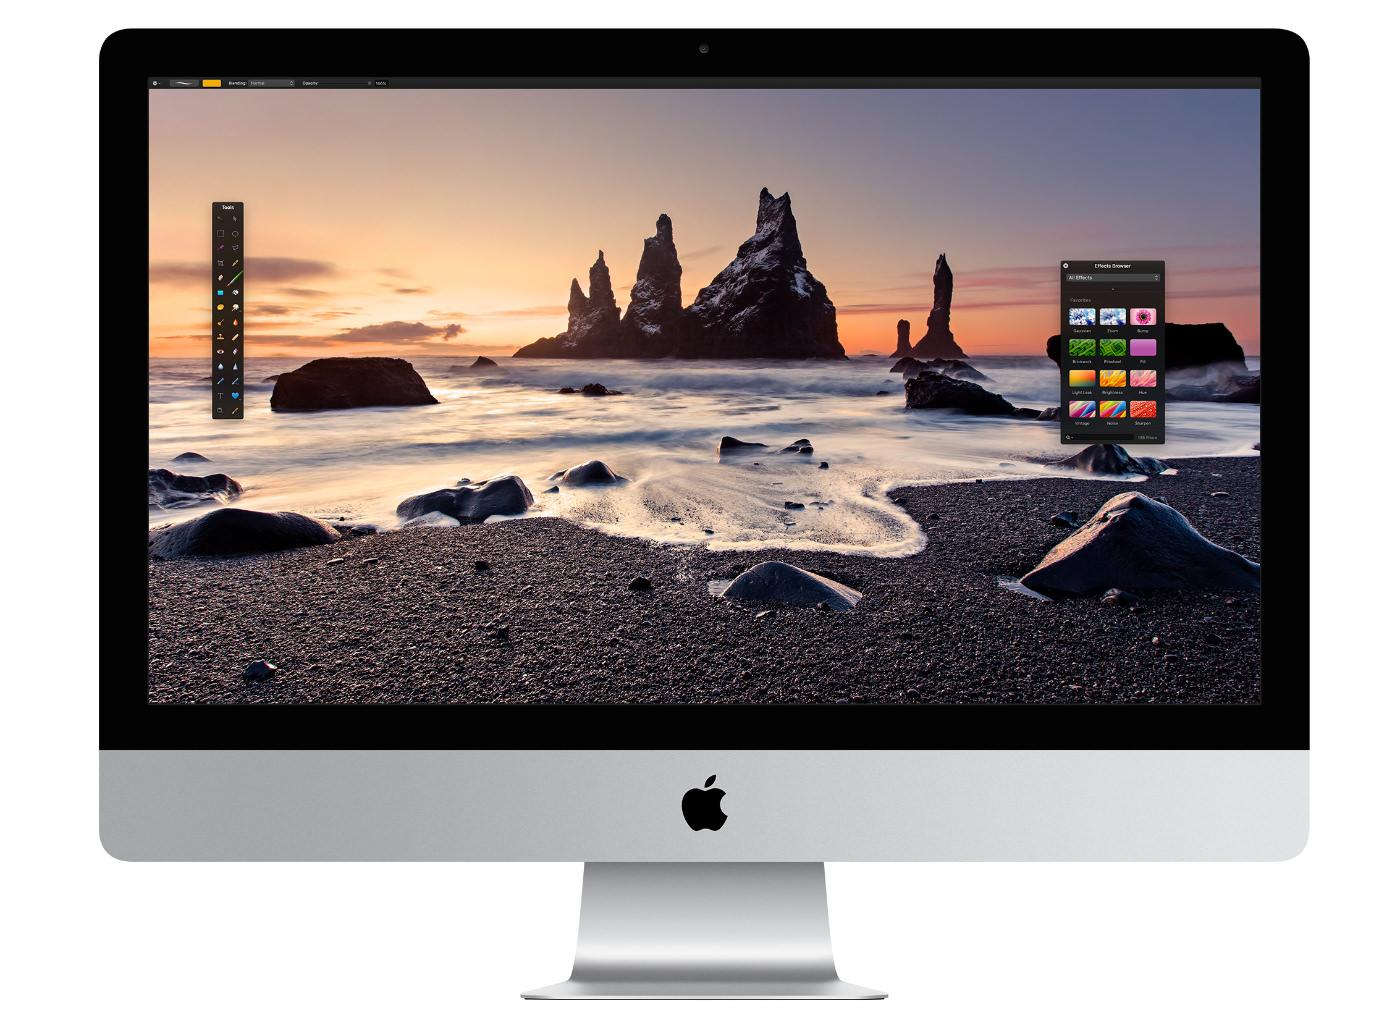 [Mac]iMac 5K Retina ディスプレイモデルのストレージメンテナンスで41.09GB利用可能容量が増えたよ